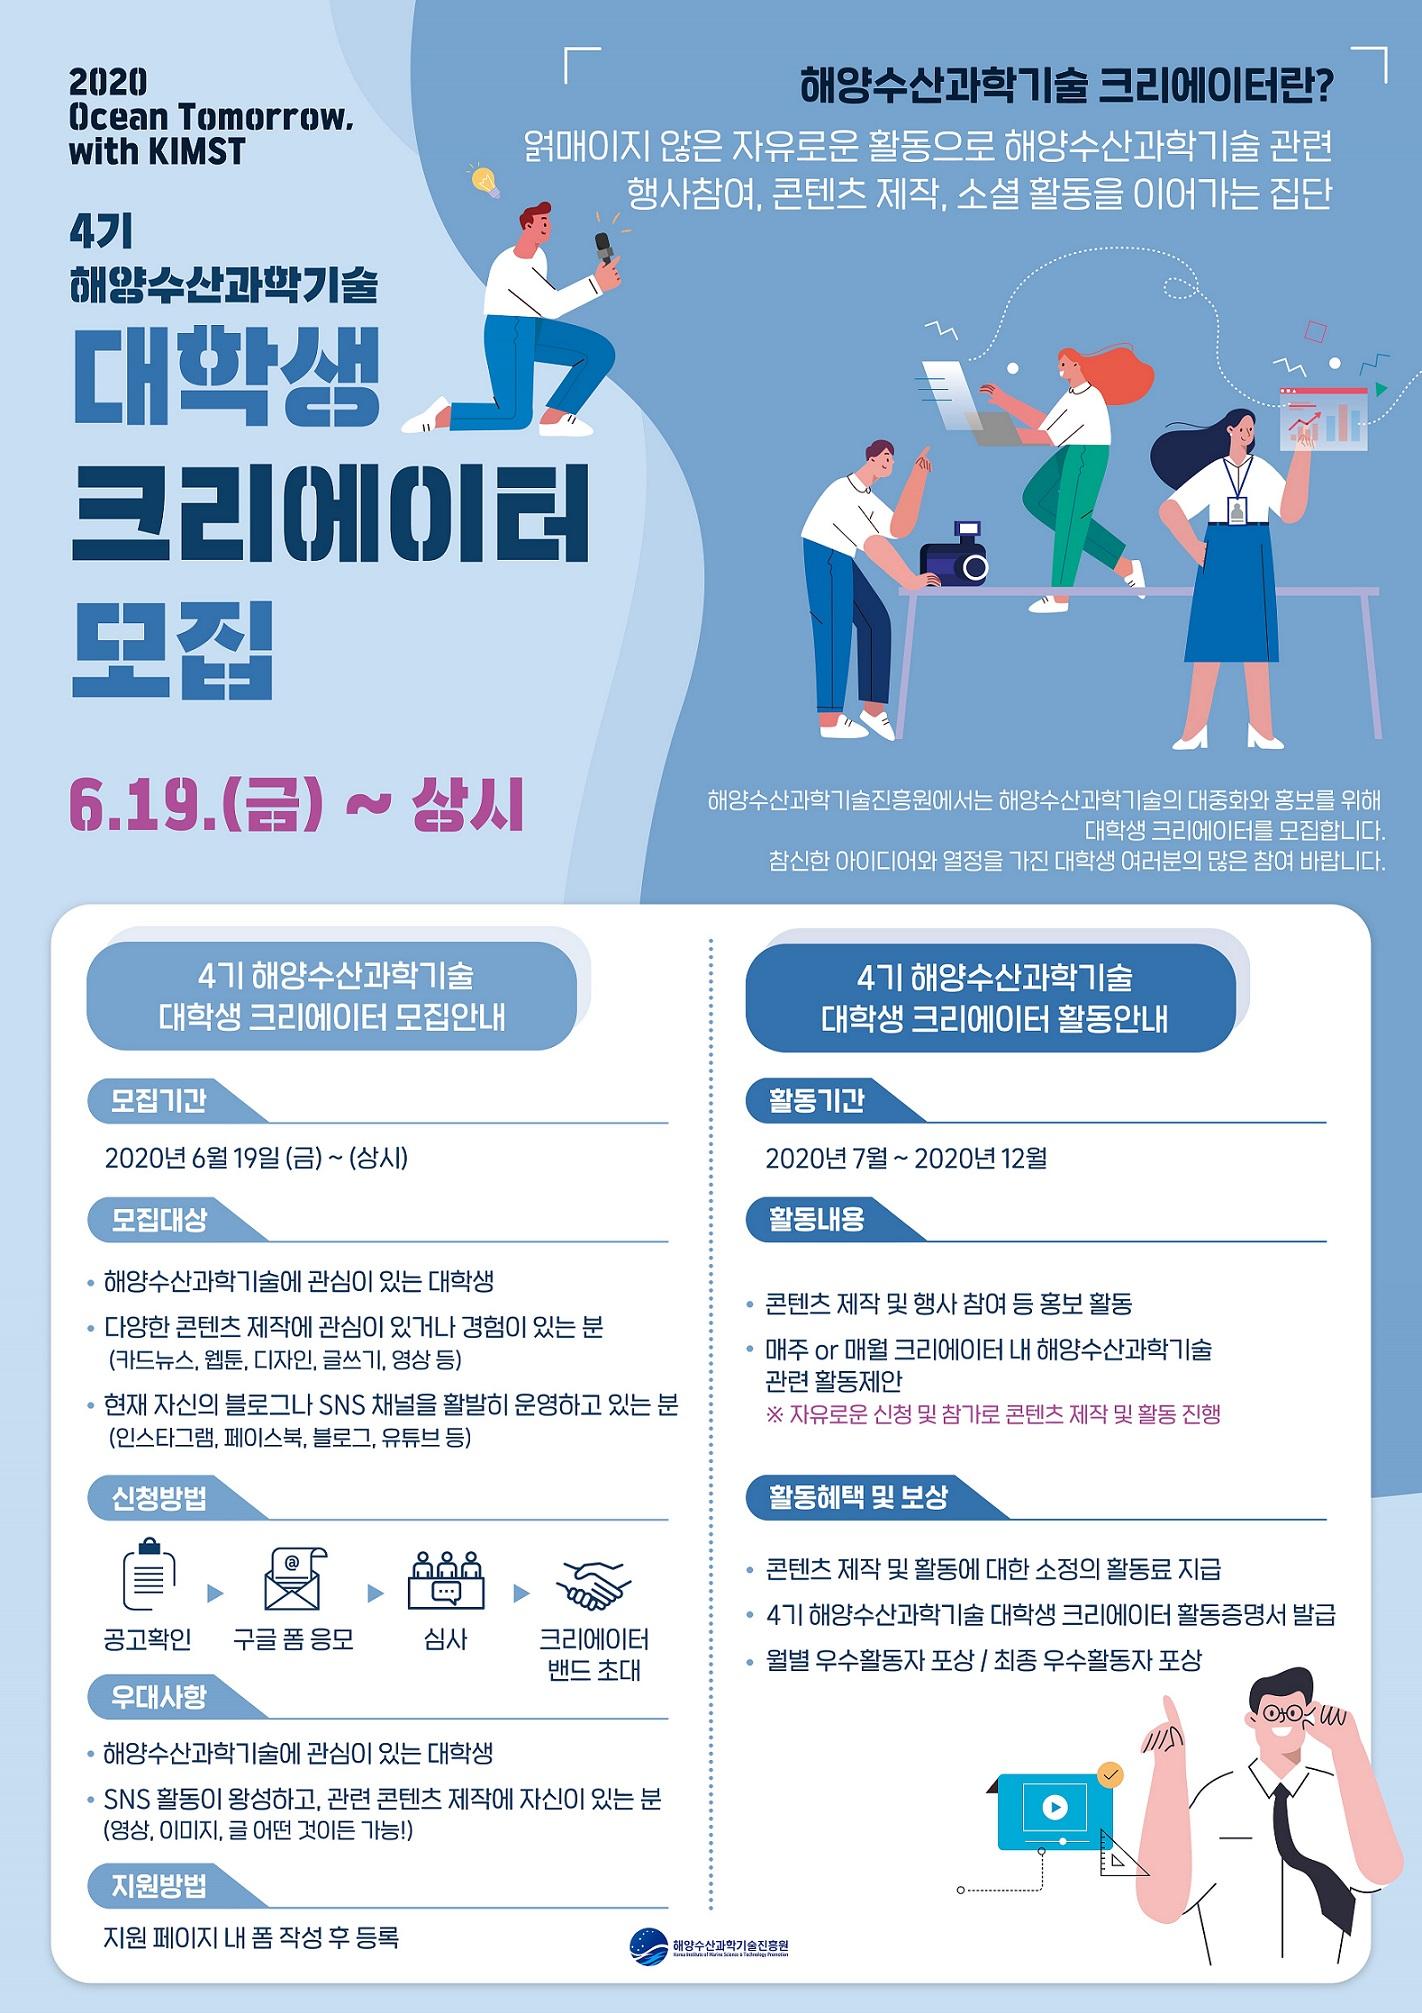 해양수산과학기술진흥원 KIMST 대학생 크리에이터 4기 모집